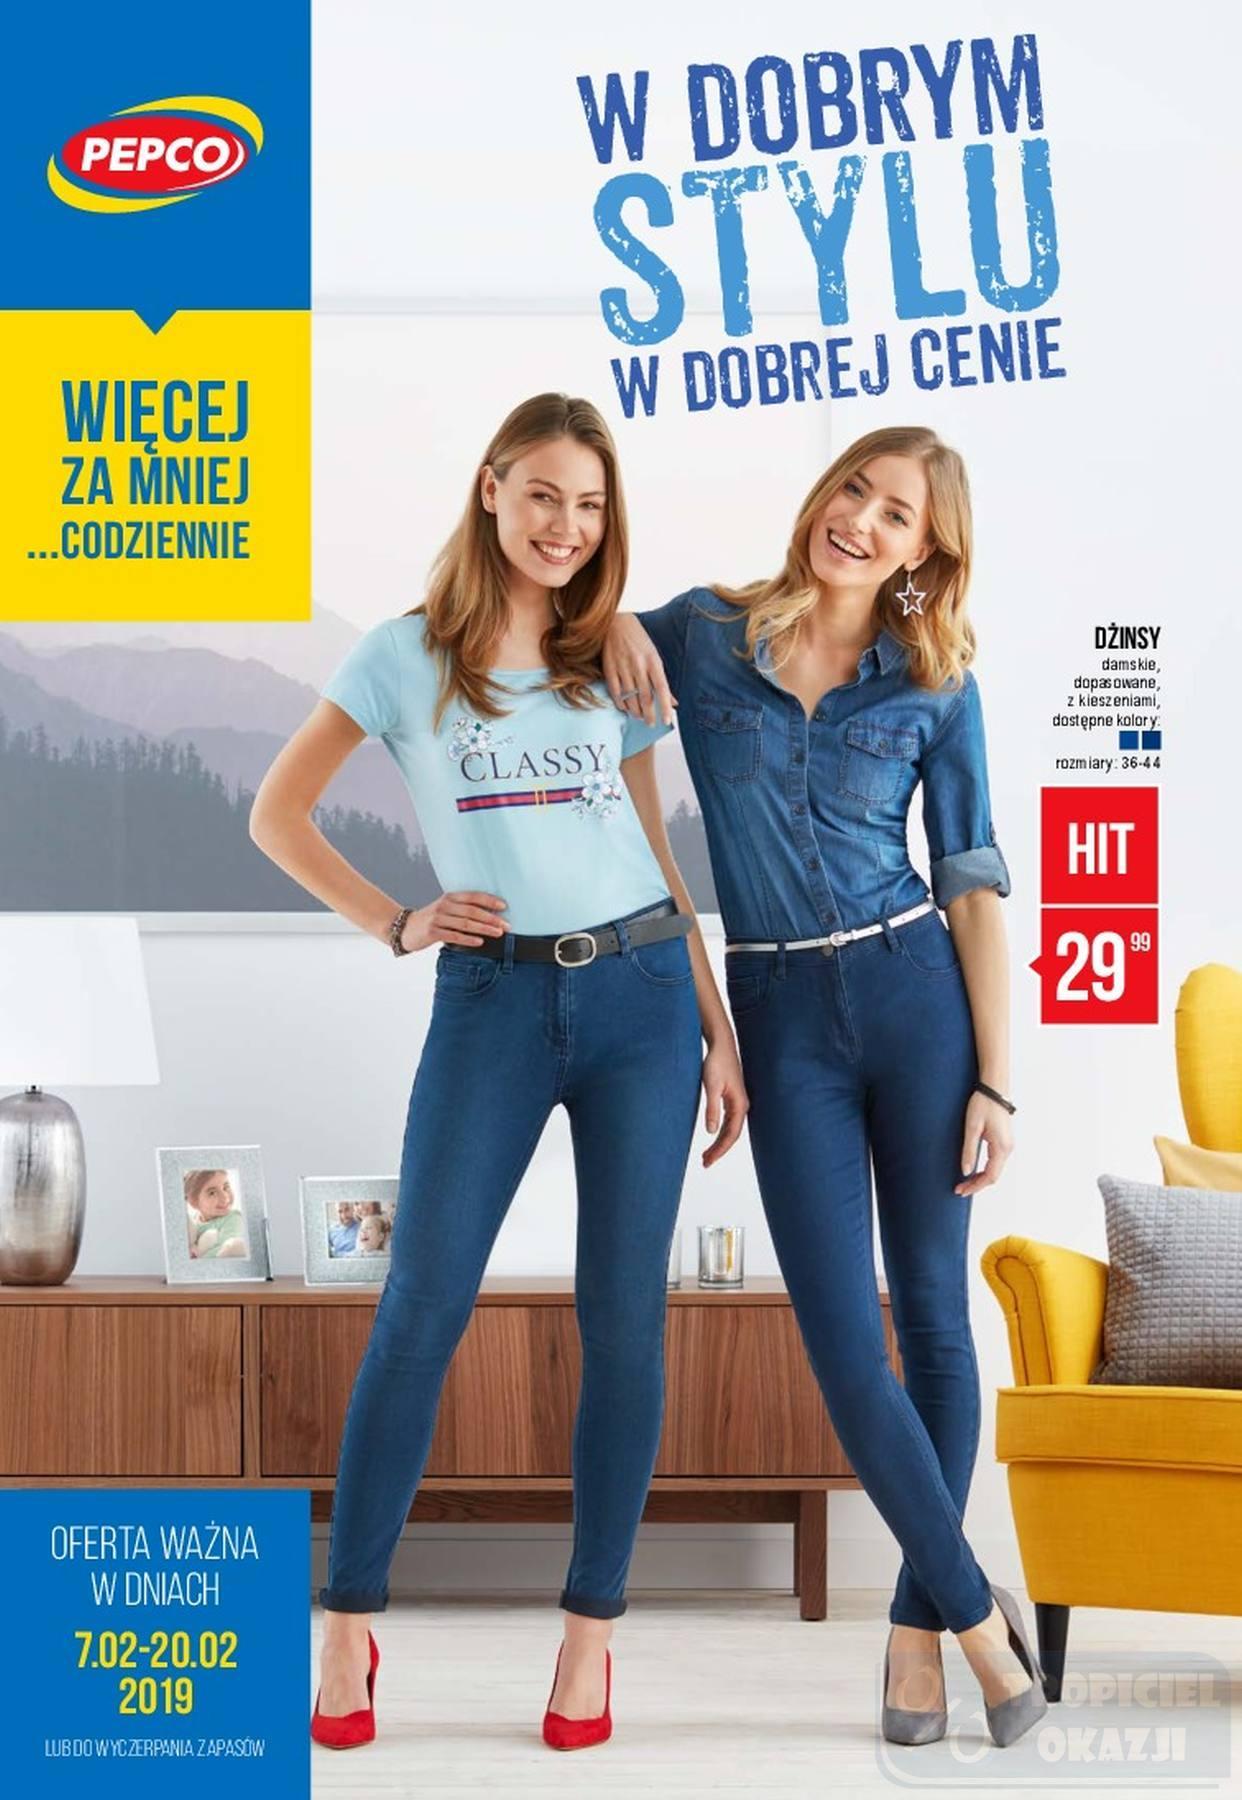 Gazetka promocyjna Pepco do 20/02/2019 str.0